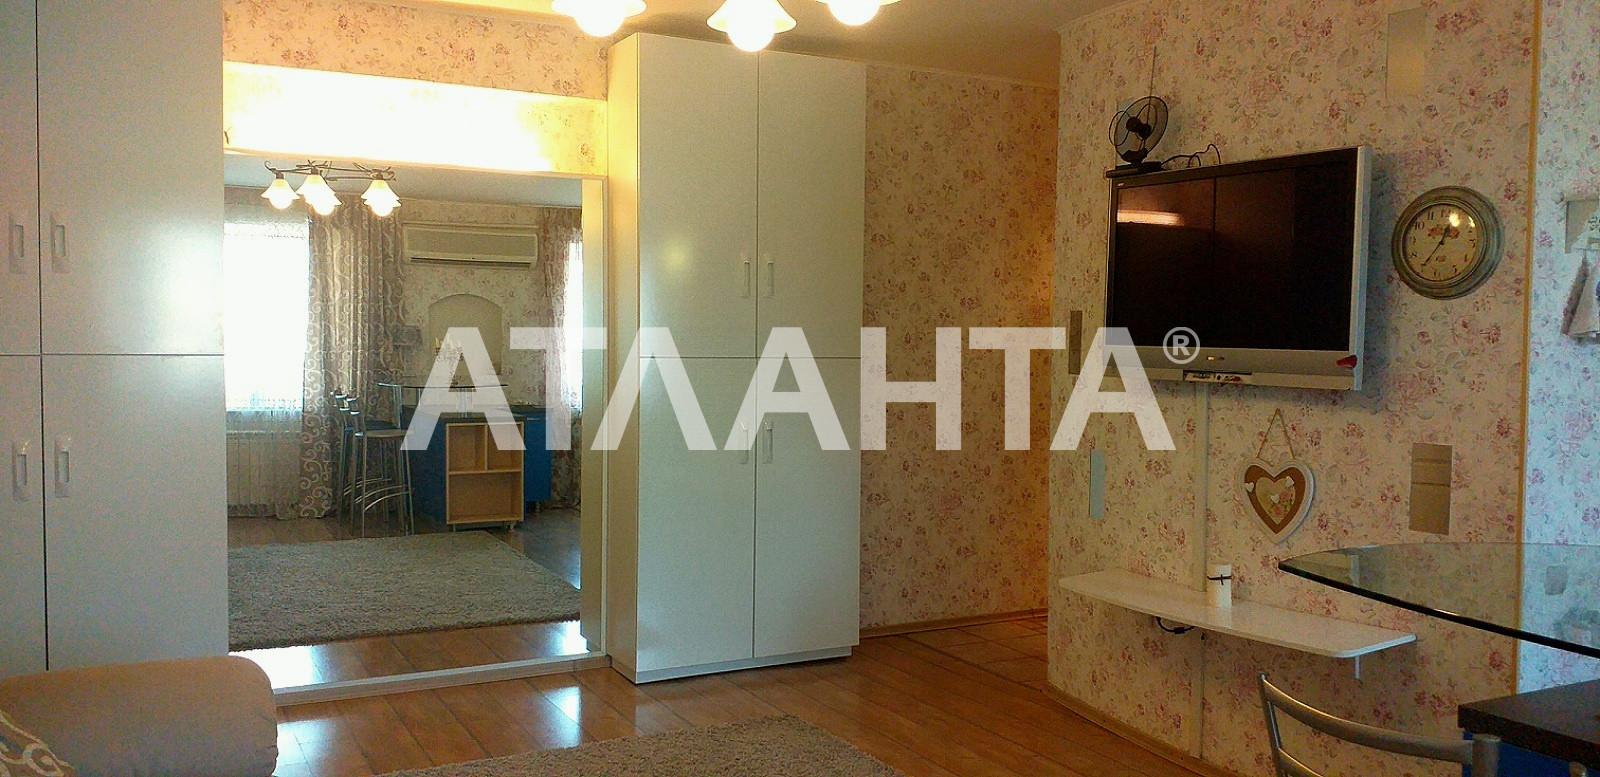 Продается 2-комнатная Квартира на ул. Пионерская (Варламова, Академическая) — 42 000 у.е.